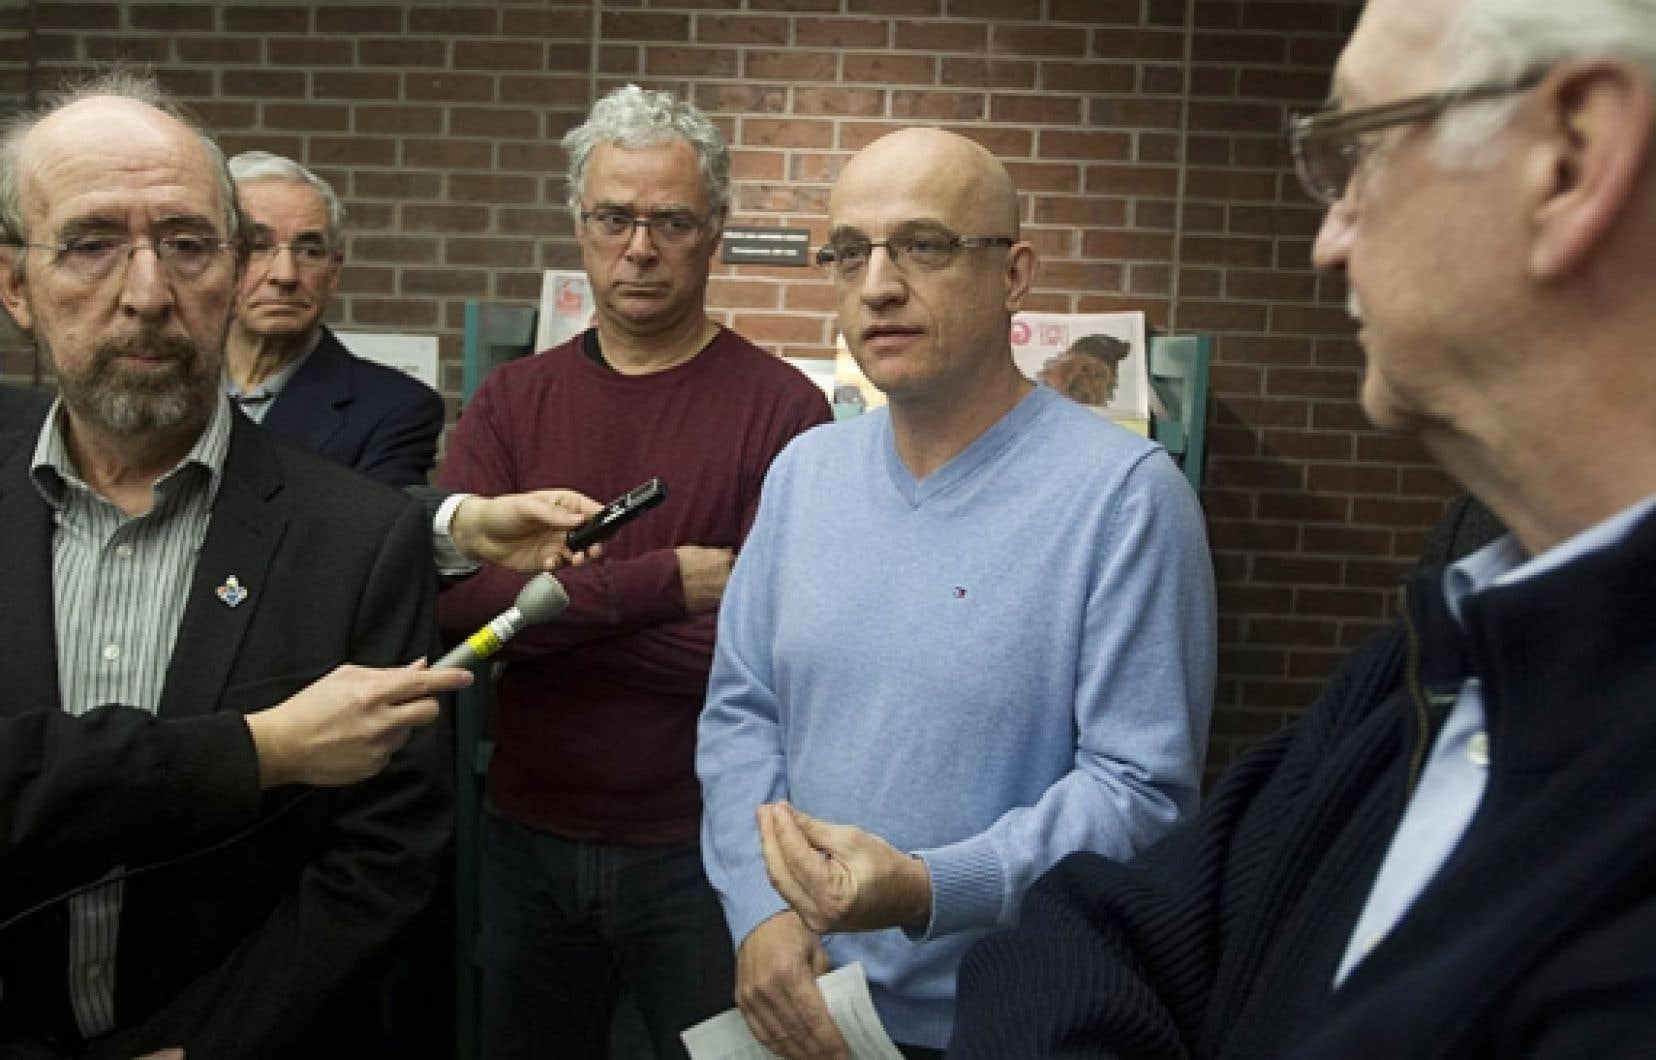 <div> Le syndicaliste Gérald Larose, le comédien Jacques L'Heureux et le médecin Alain Vadeboncœur font partie des 15 personnalités qui ont lancé un appel au gouvernement.</div>